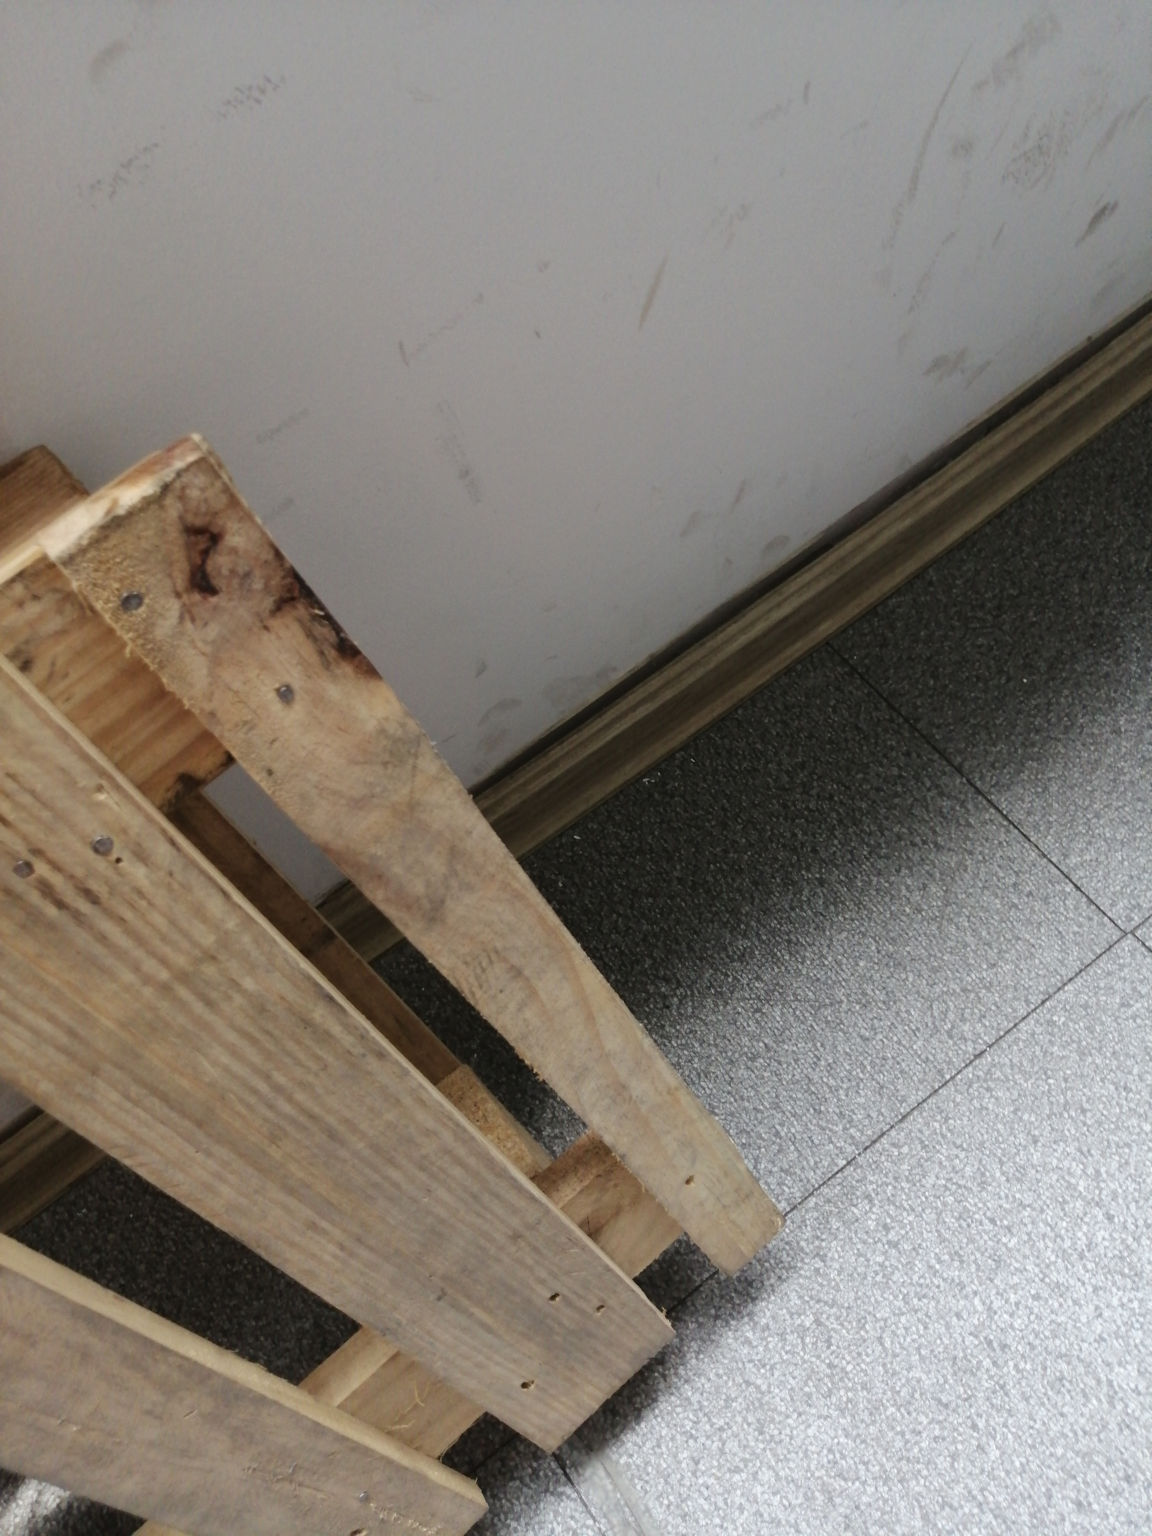 专业的松木托盘价�,卍┋➊可能要在1500到2000这个价